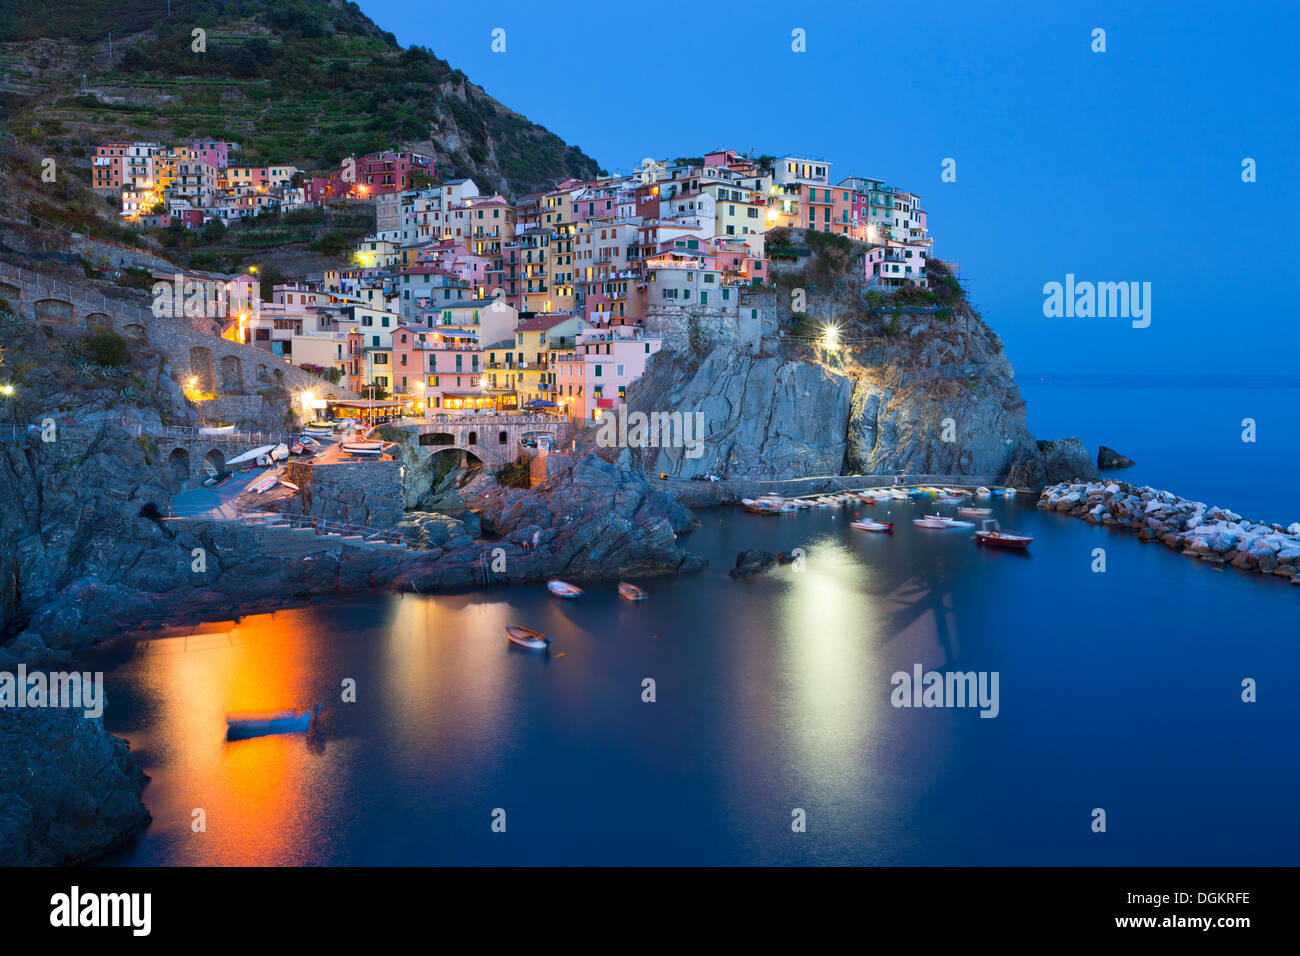 Clifftop village of Manarola in the Cinque Terre. - Stock Image